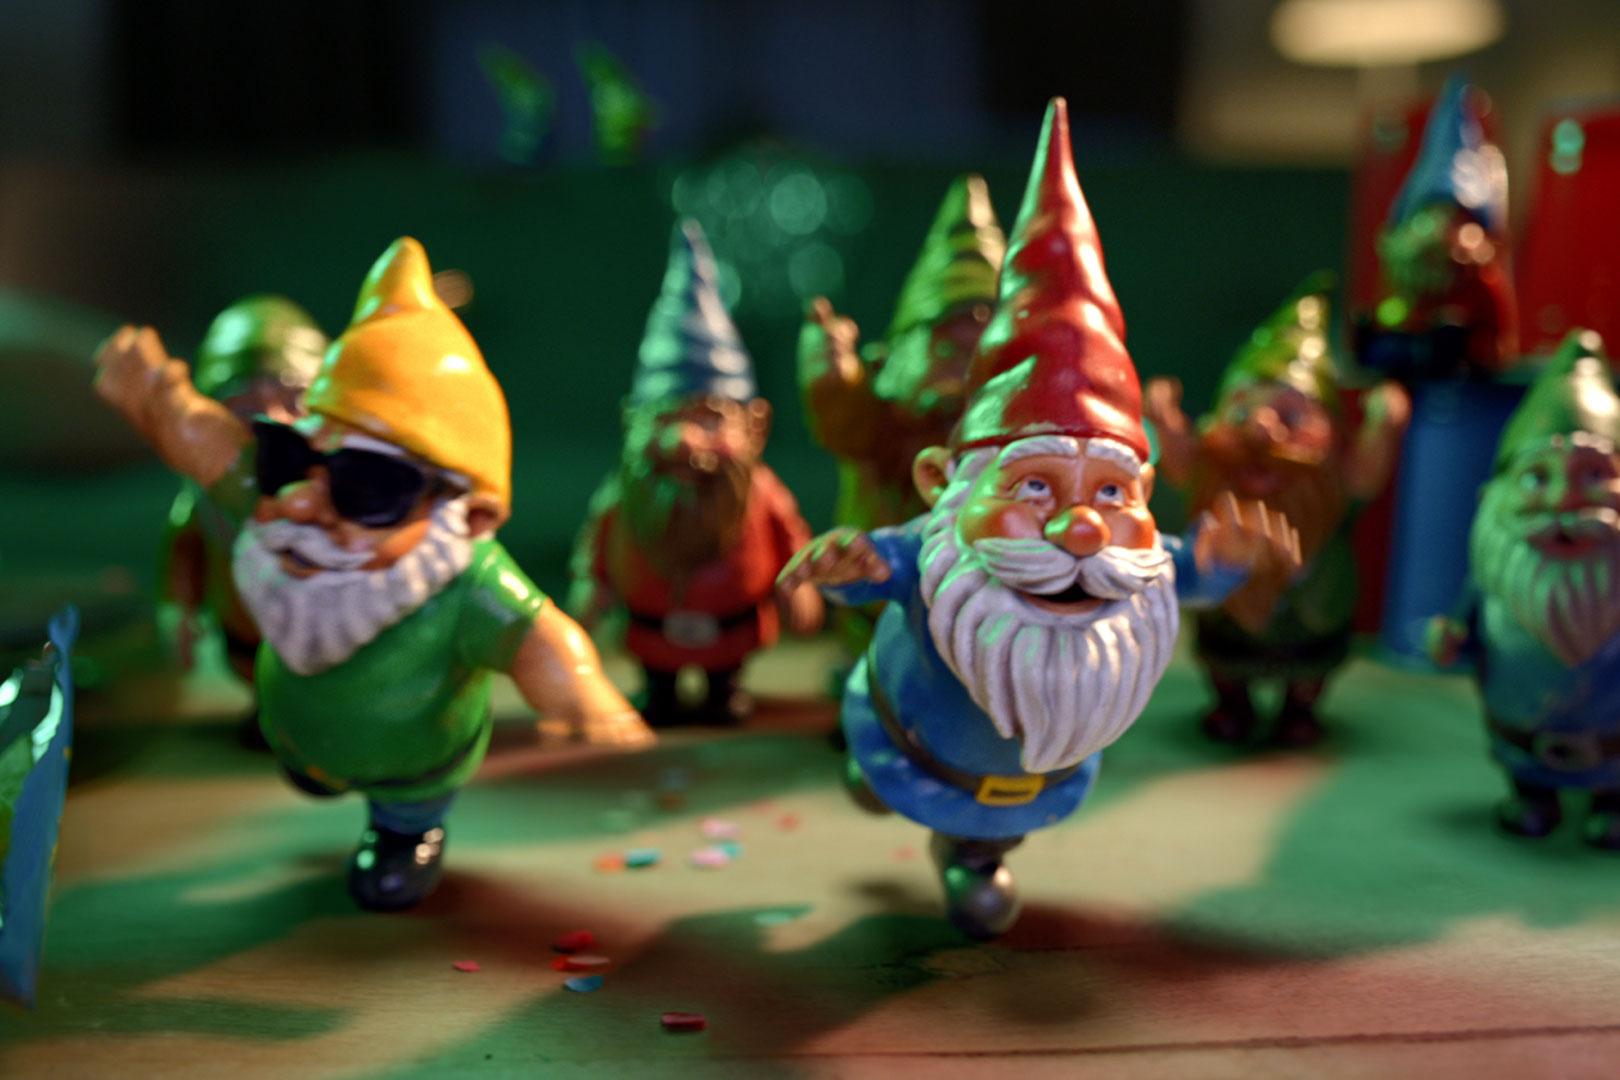 Abgefahrener Filmriss – Weihnachten im Zipfelrausch